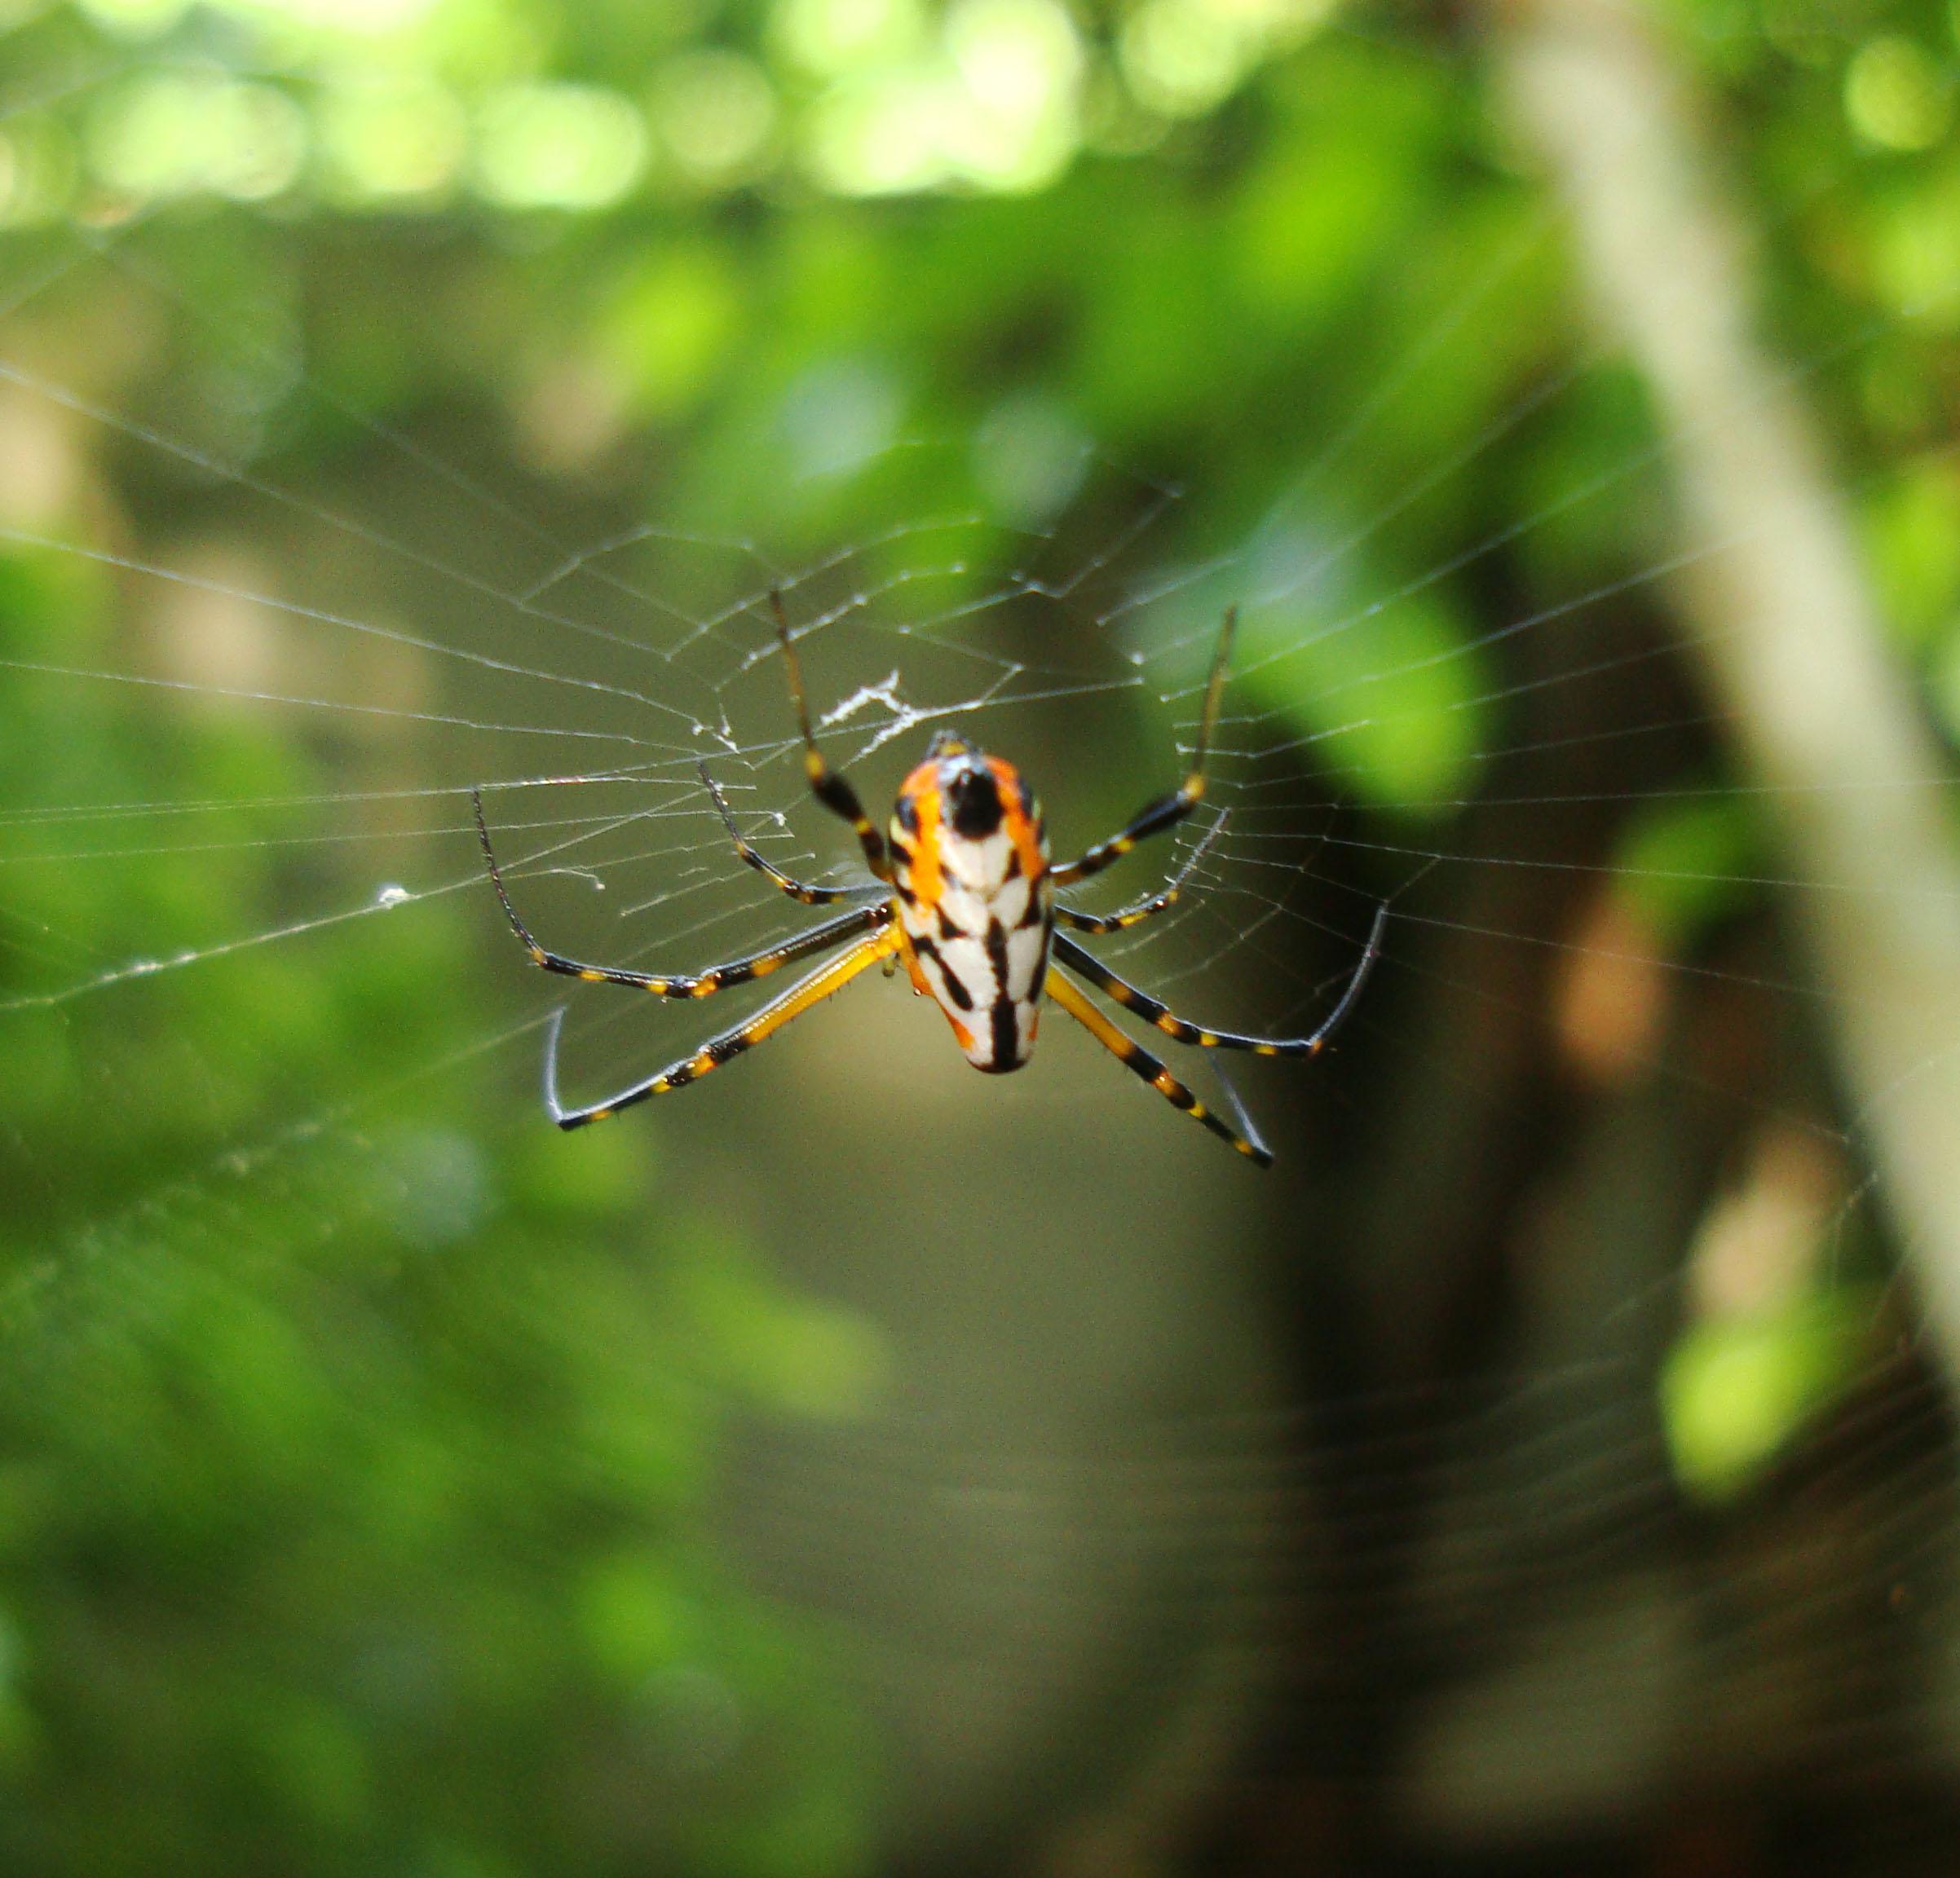 Philippine garden spiders Puerto Gallera Mindoro Oriental 07